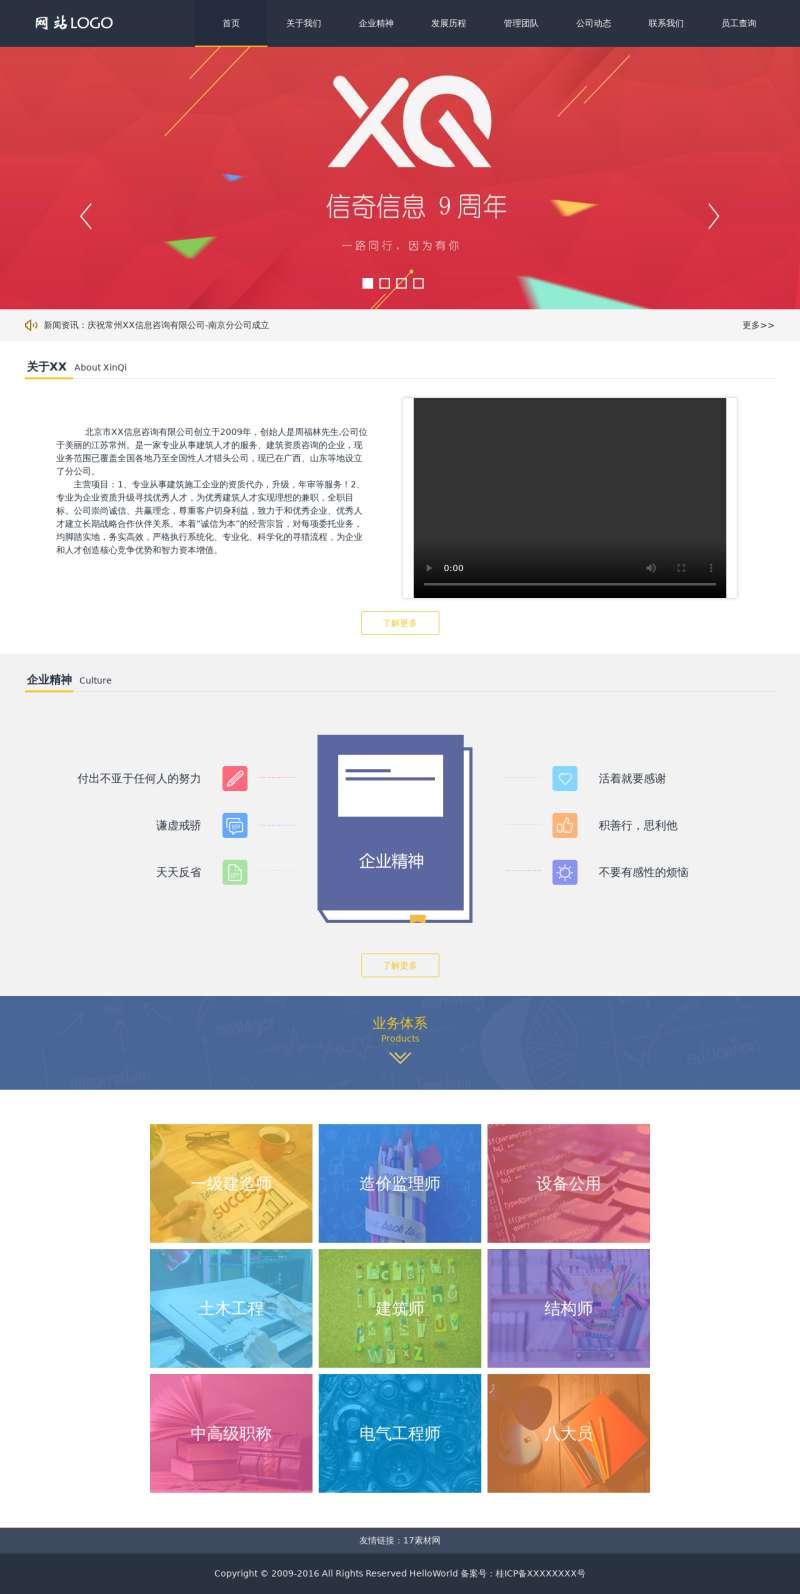 简洁宽屏的建筑咨询公司网站模板